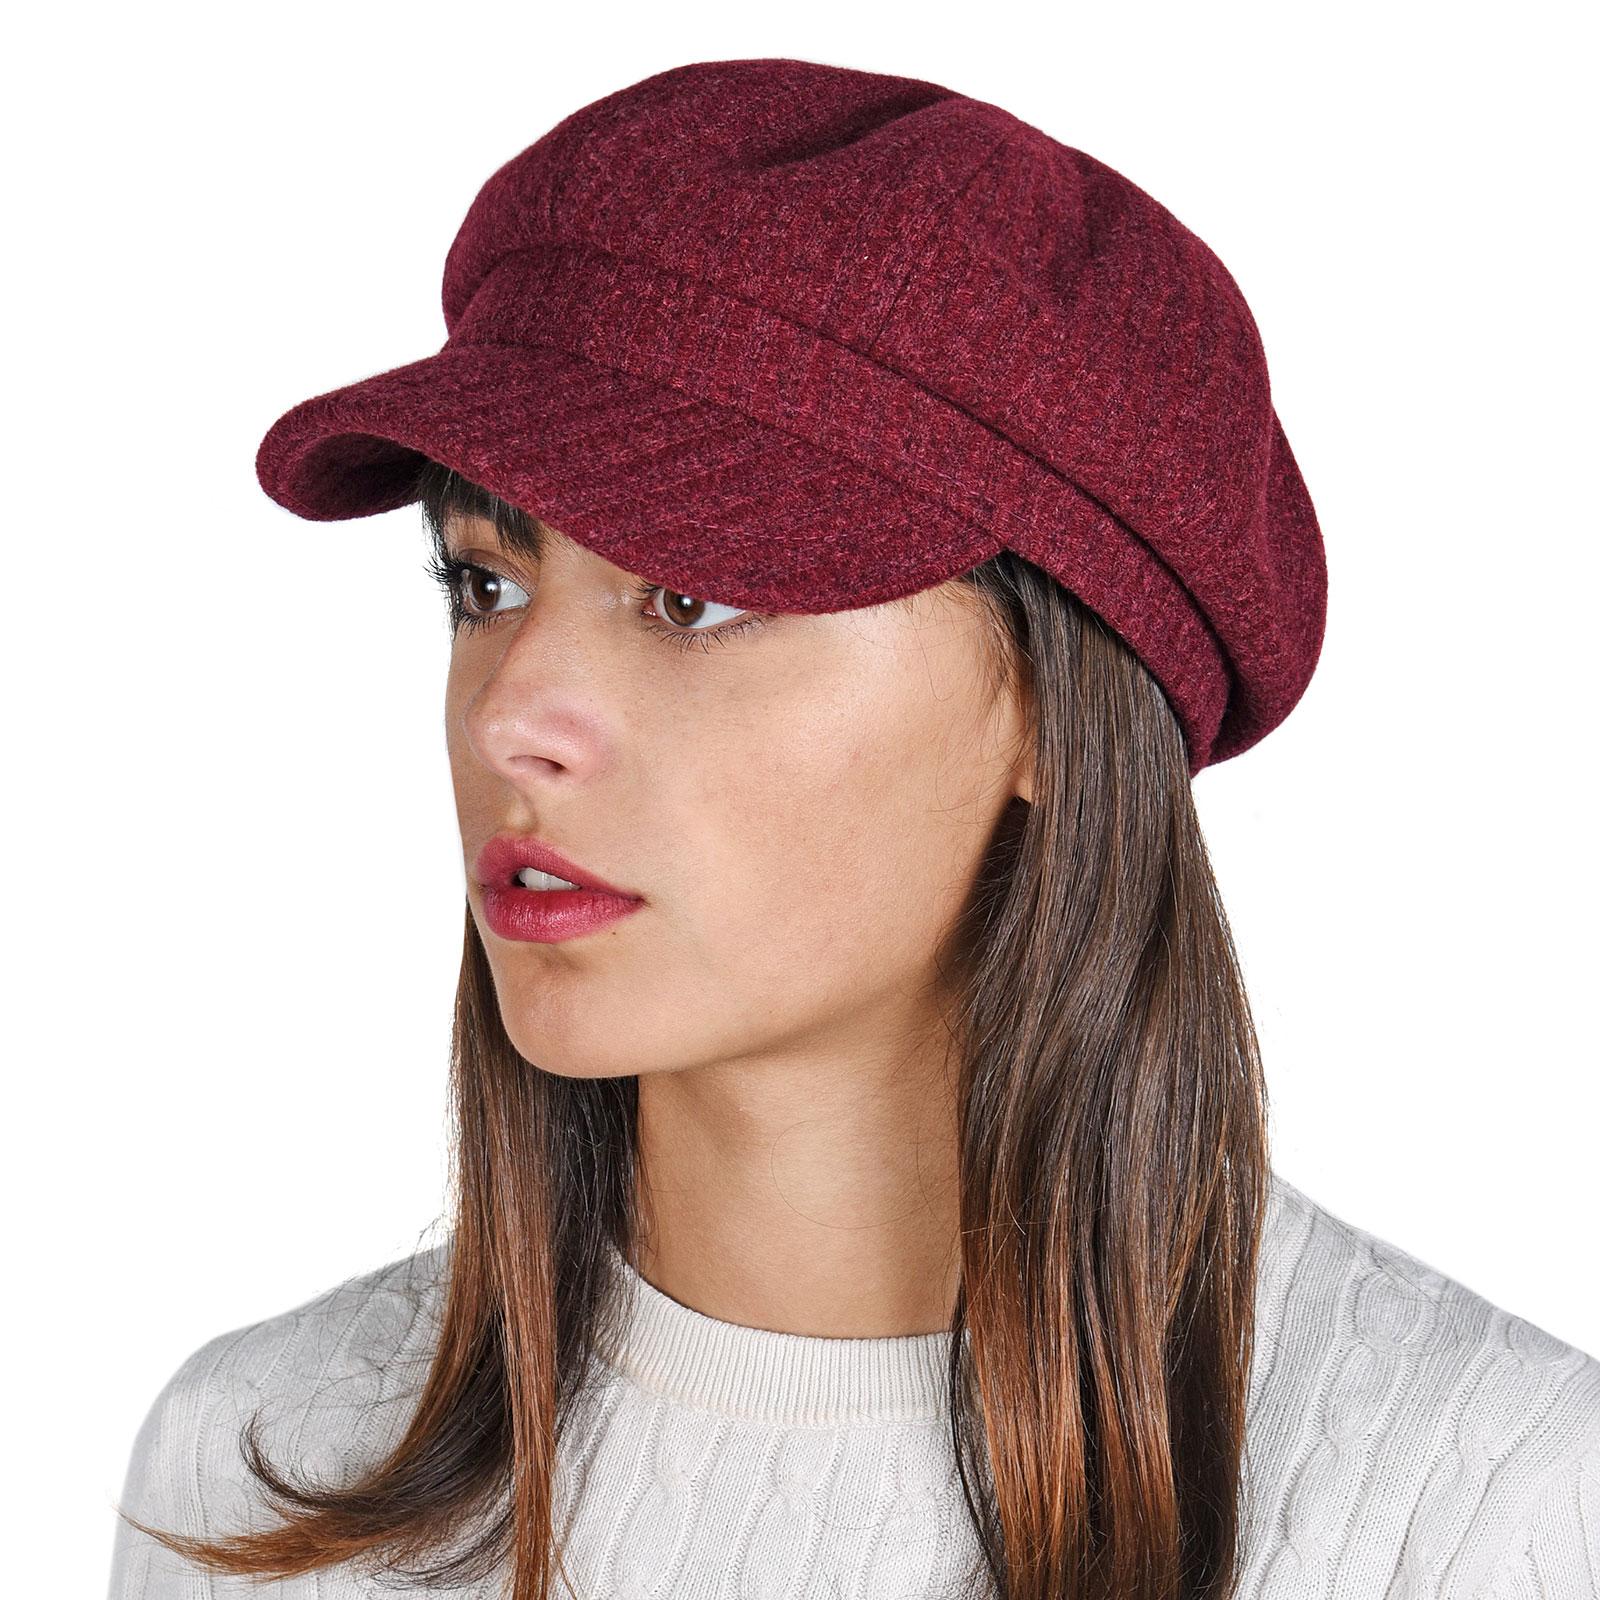 CP-01574-VF16-P-casquette-femme-velour-bordeaux